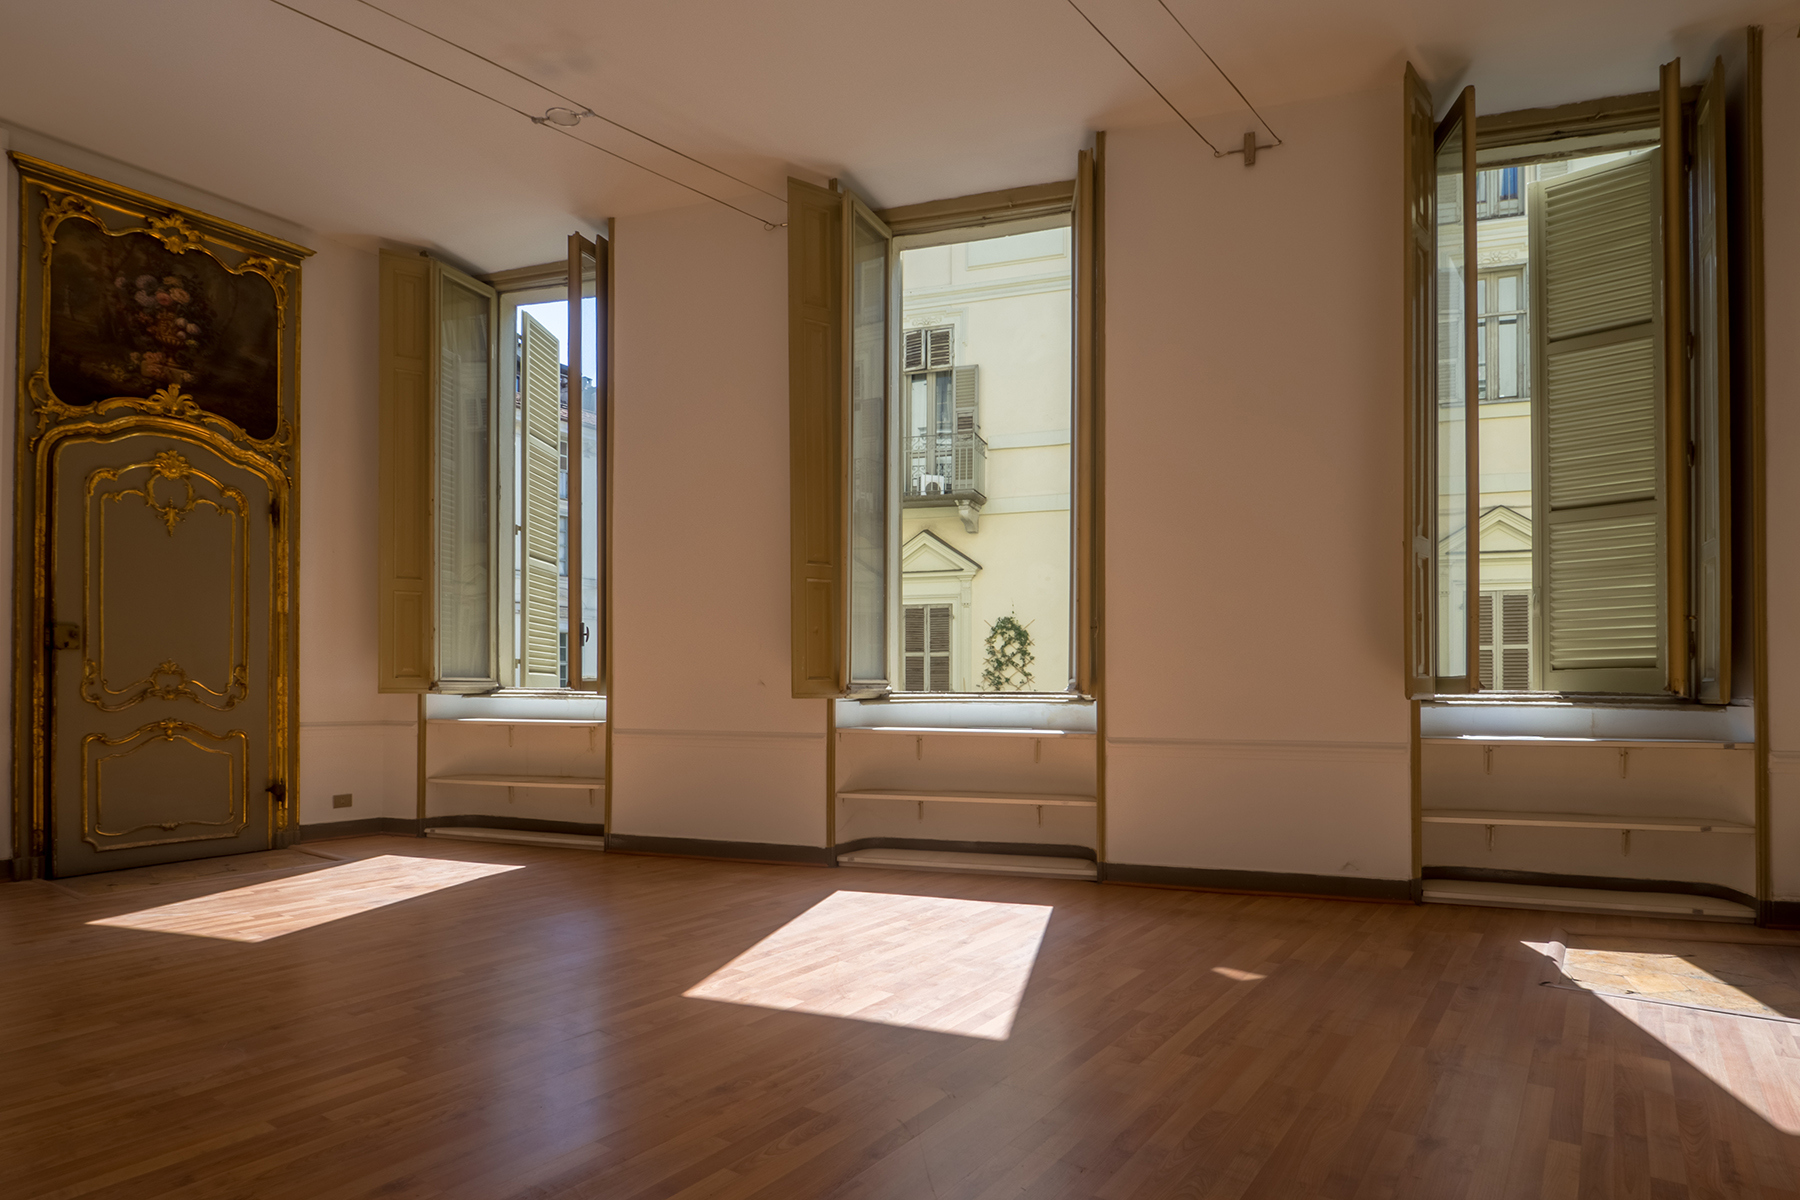 Ufficio-studio in Affitto a Torino: 5 locali, 676 mq - Foto 3